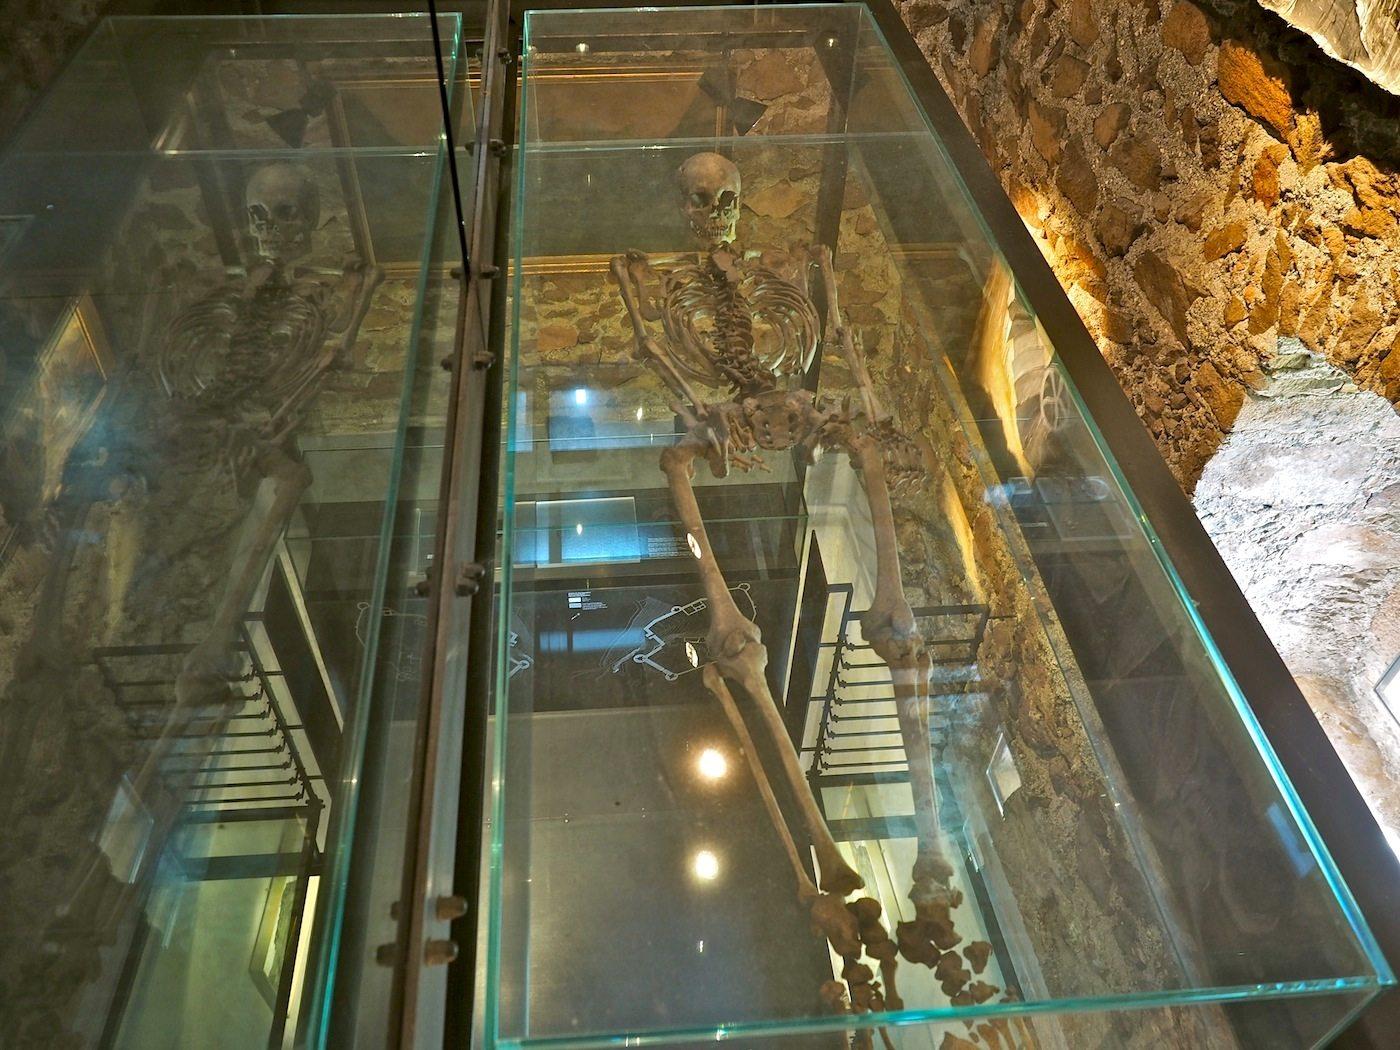 Archäologischer Fund.. Entdeckt bei Ausgrabungen im Gelände der Burg haben die 7000 Jahre alten Knochen einer Frau ihren Platz im Weißen Turm gefunden, dessen Exponate sich der Geschichte von Sigmunskron widmen. Für diesen Teil der Ausstellungen ist Messner nicht zuständig.